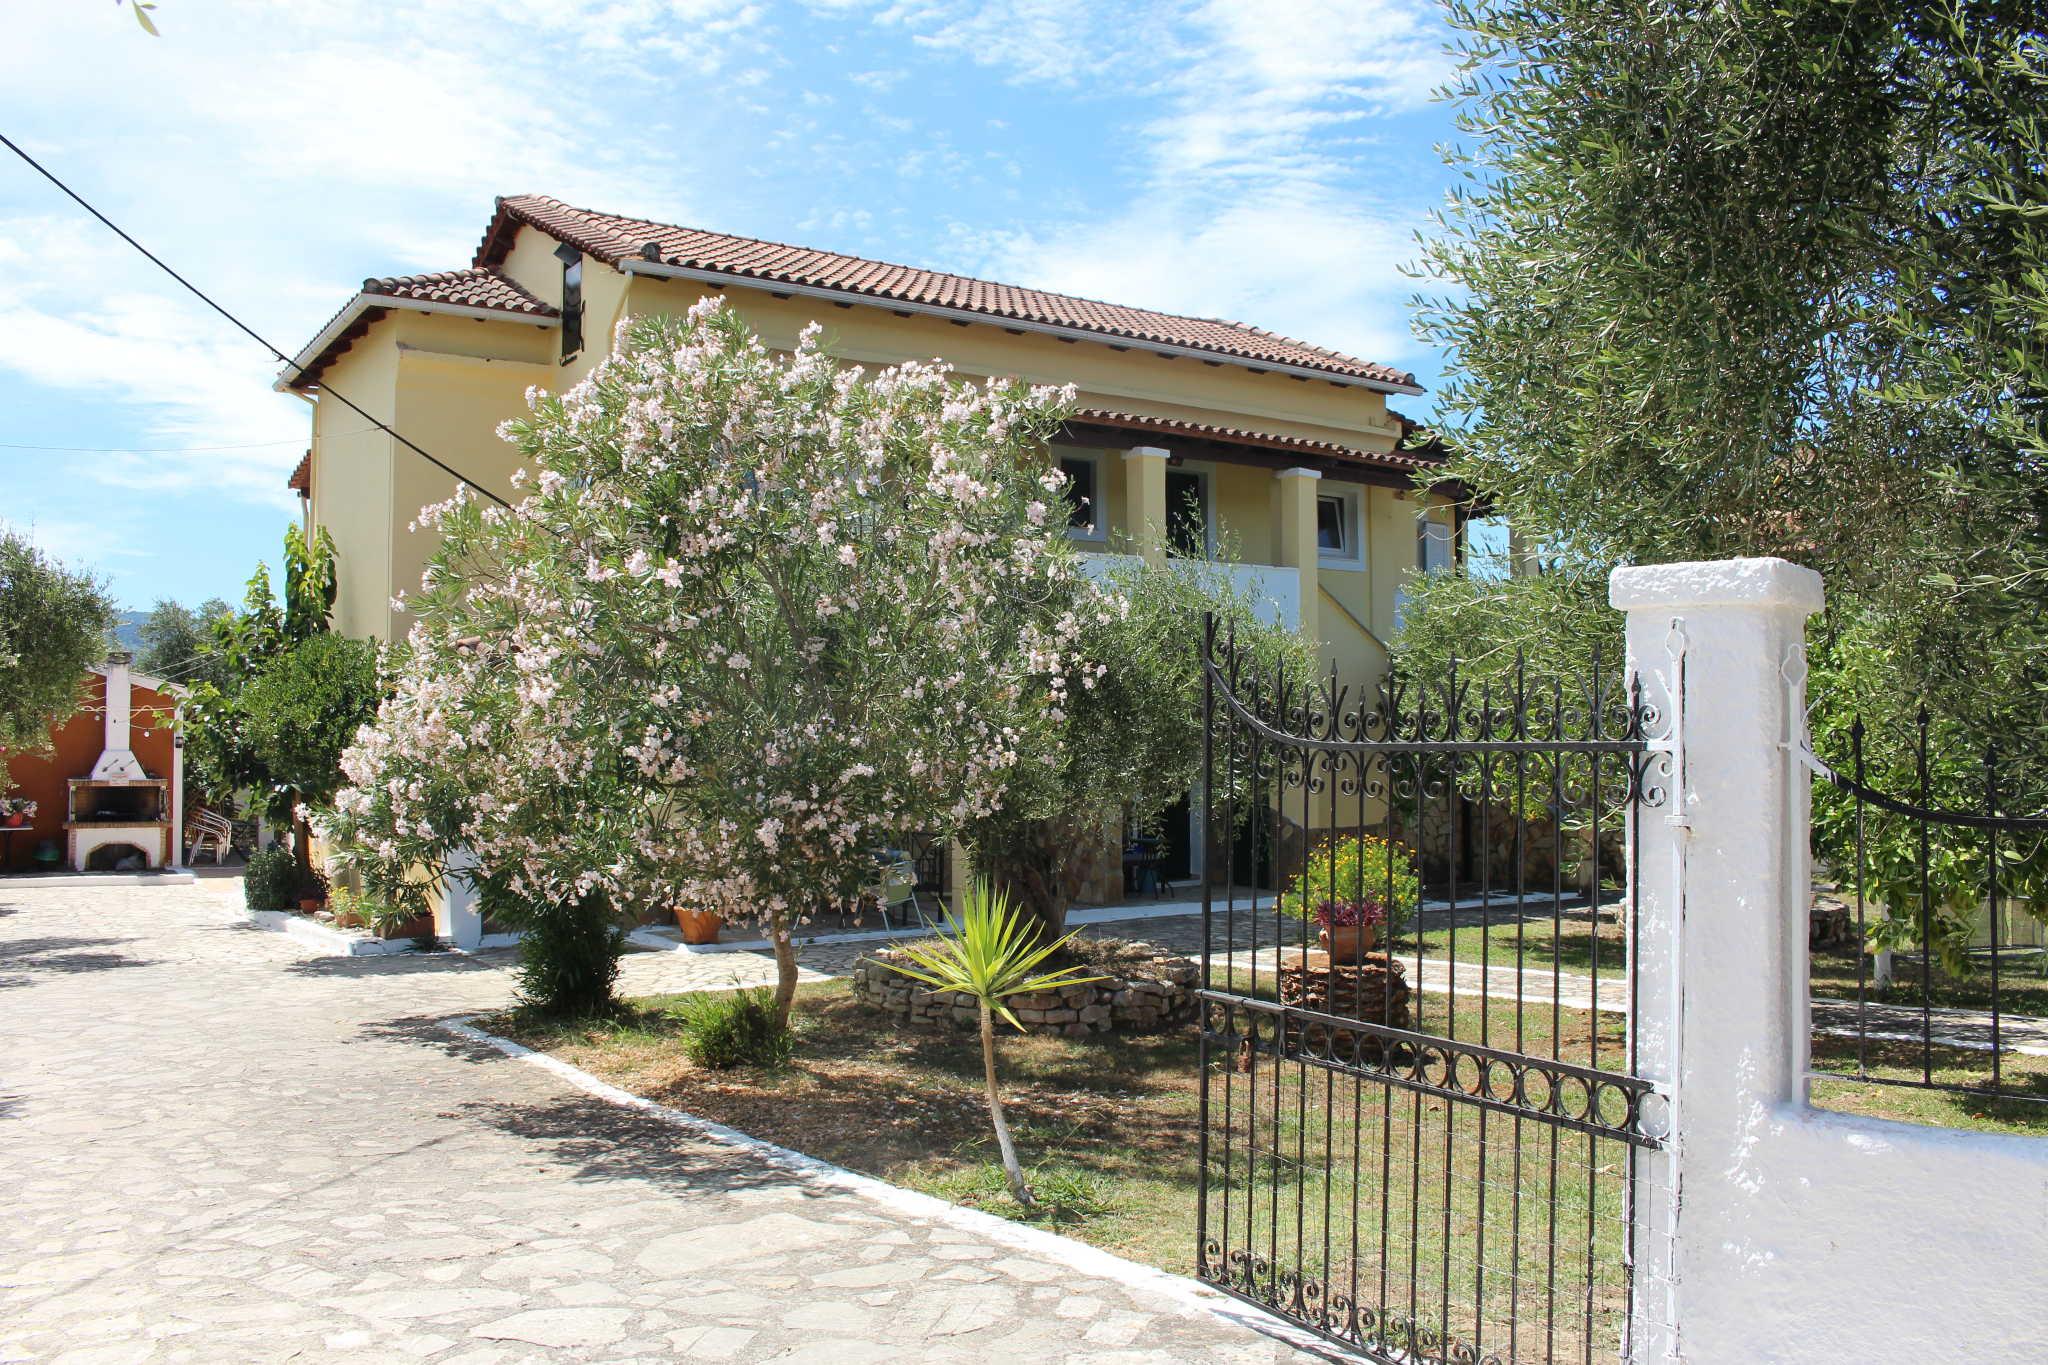 Zusatzbild Nr. 03 von Villa Depis